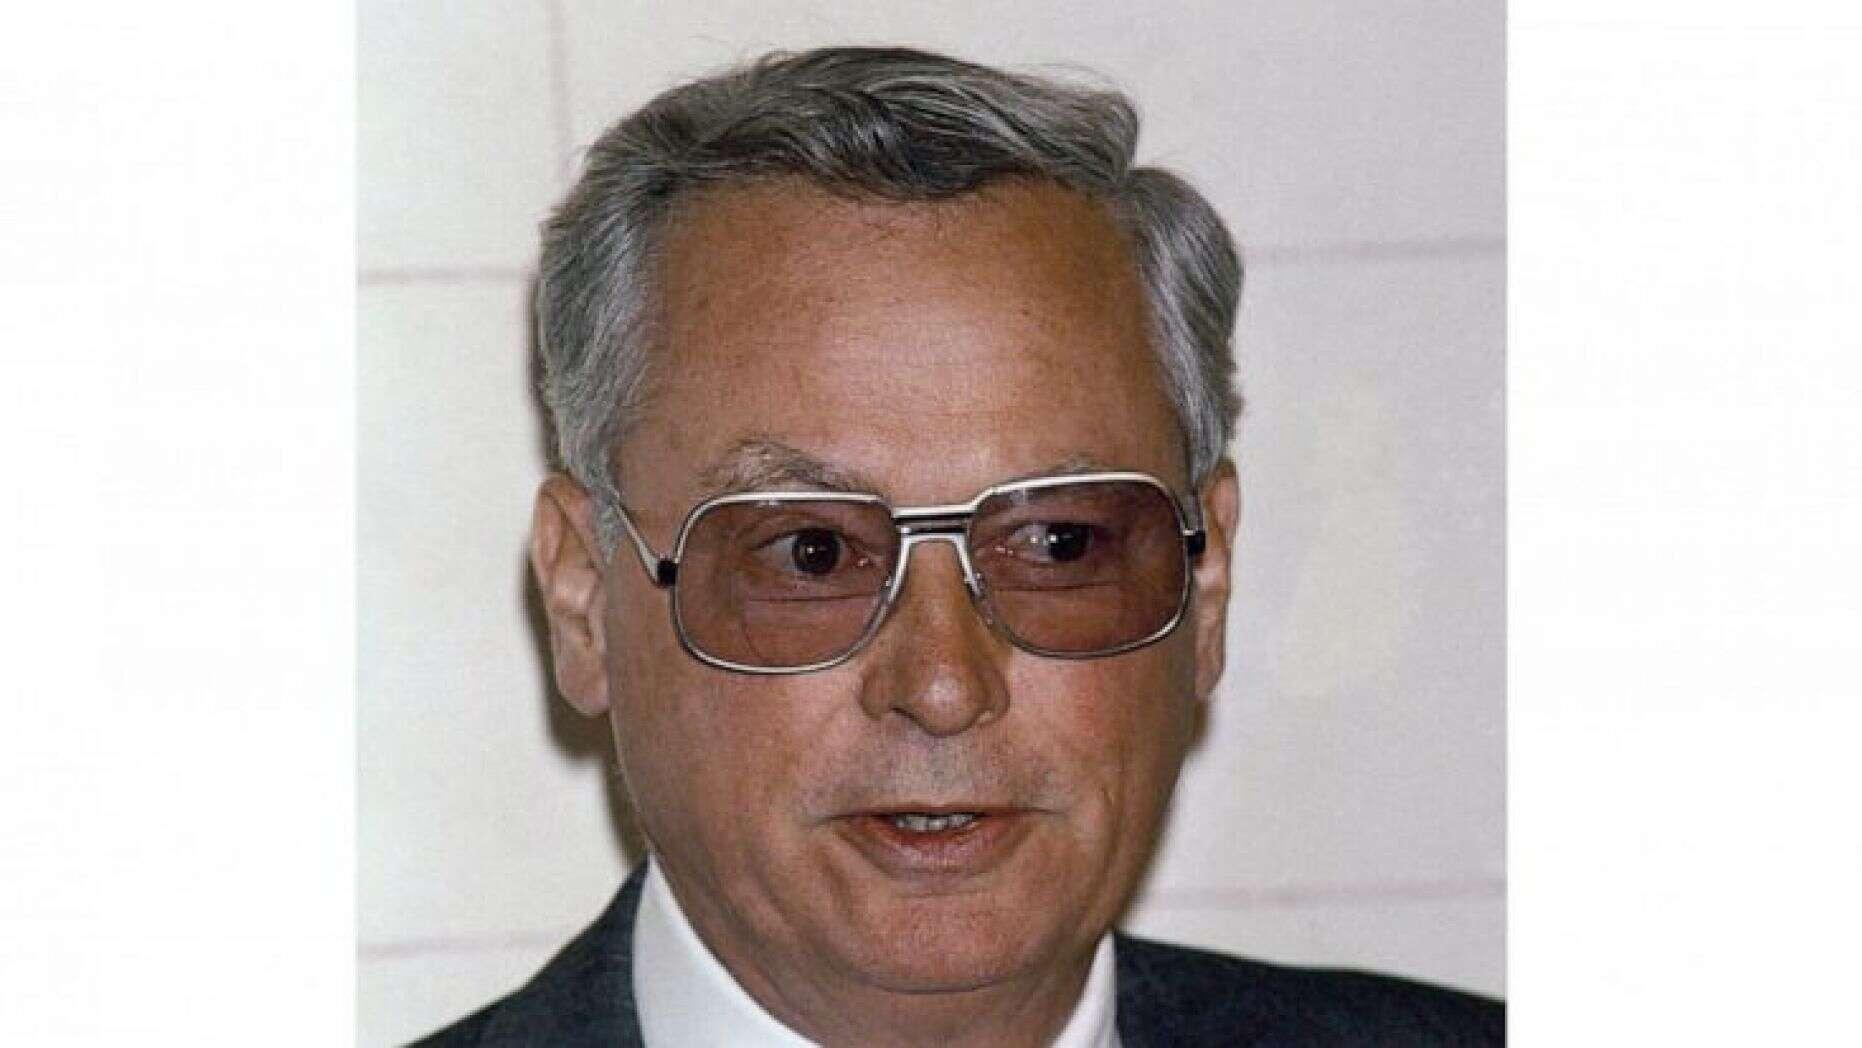 希尔顿前CEO巴伦•希尔顿去世 美国知名慈善家